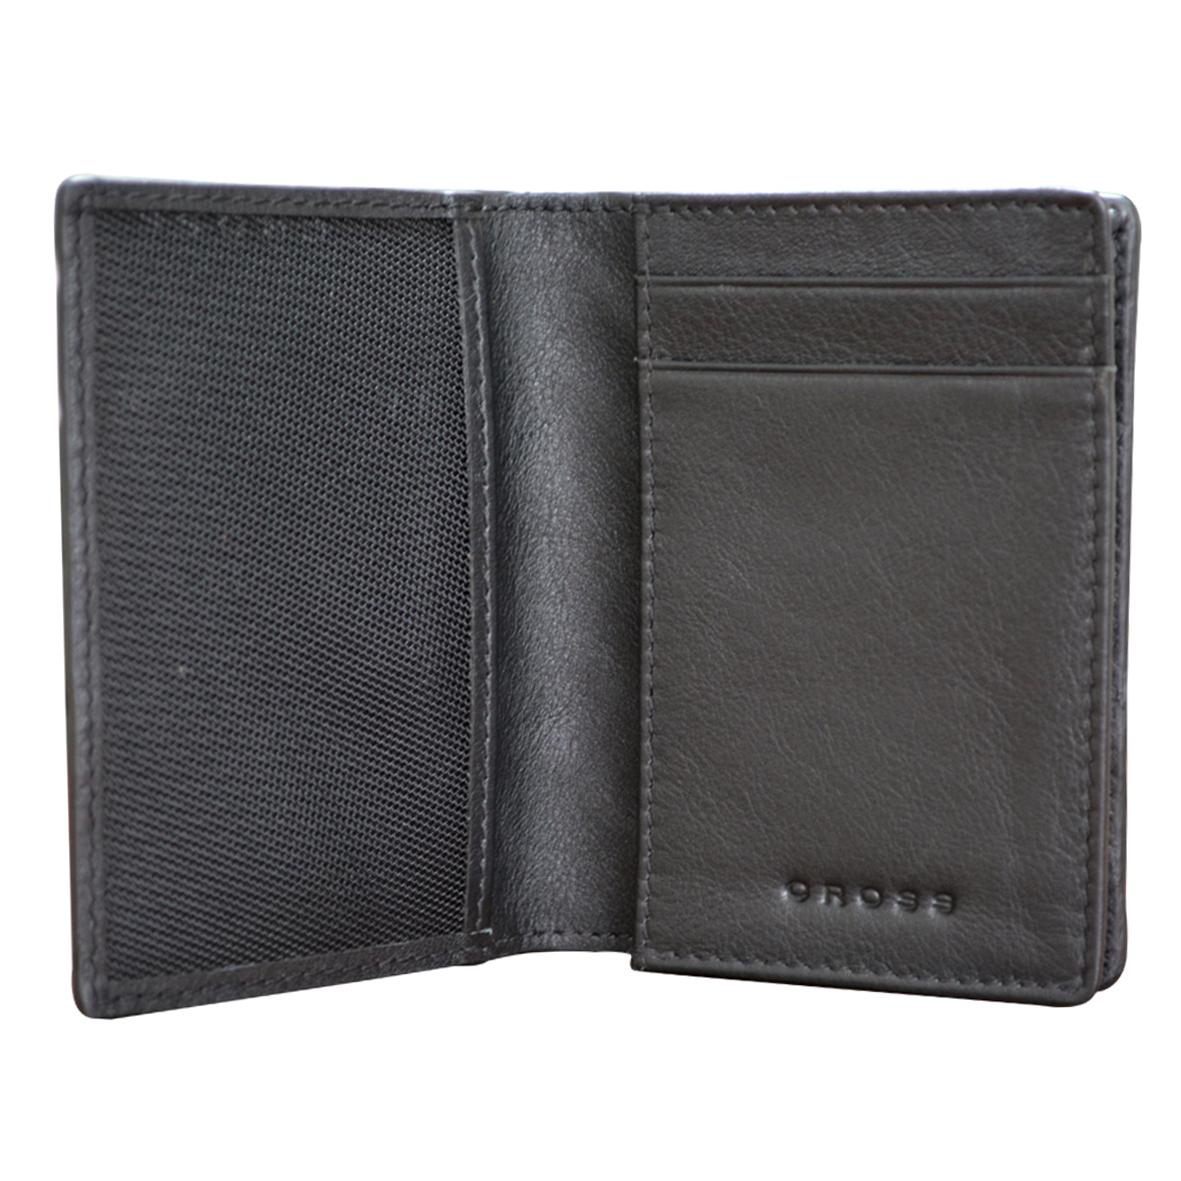 Чехол для кредитных карт мужской Cross, цвет: черный. AC178387-1AC178387-1Стильный чехол для кредитных карт Cross, изготовлен из натуральной кожи, оформлен декоративным тиснением и символикой бренда. Изделие раскладывается пополам. Внутри расположены два кармашка для пластиковых карт, сетчатый карман и отделение для визиток, вмещающее до 60 карточек. Изделие поставляется в фирменной упаковке. Чехол для кредитных карт защитит документы от повреждений, а также станет стильным аксессуаром, который подчеркнет ваш стиль.